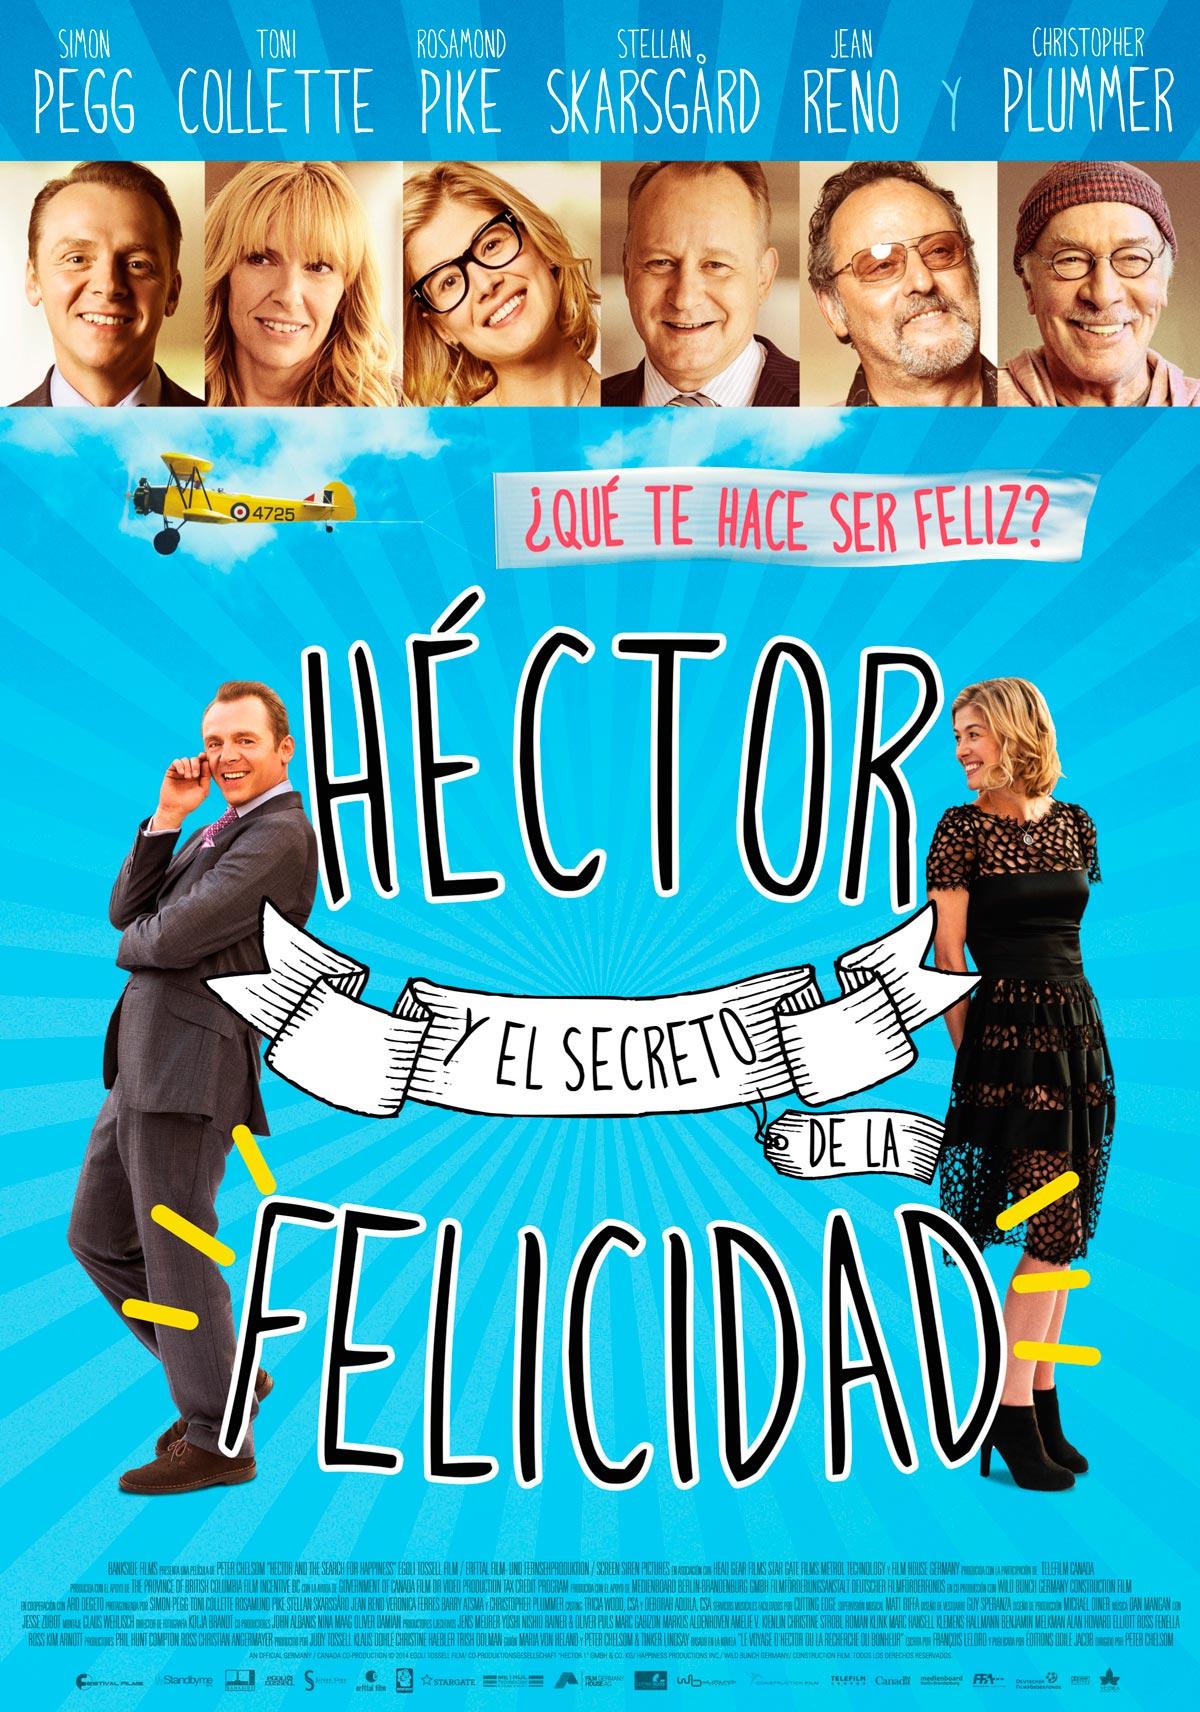 Hector y la búsqueda de la felicidad